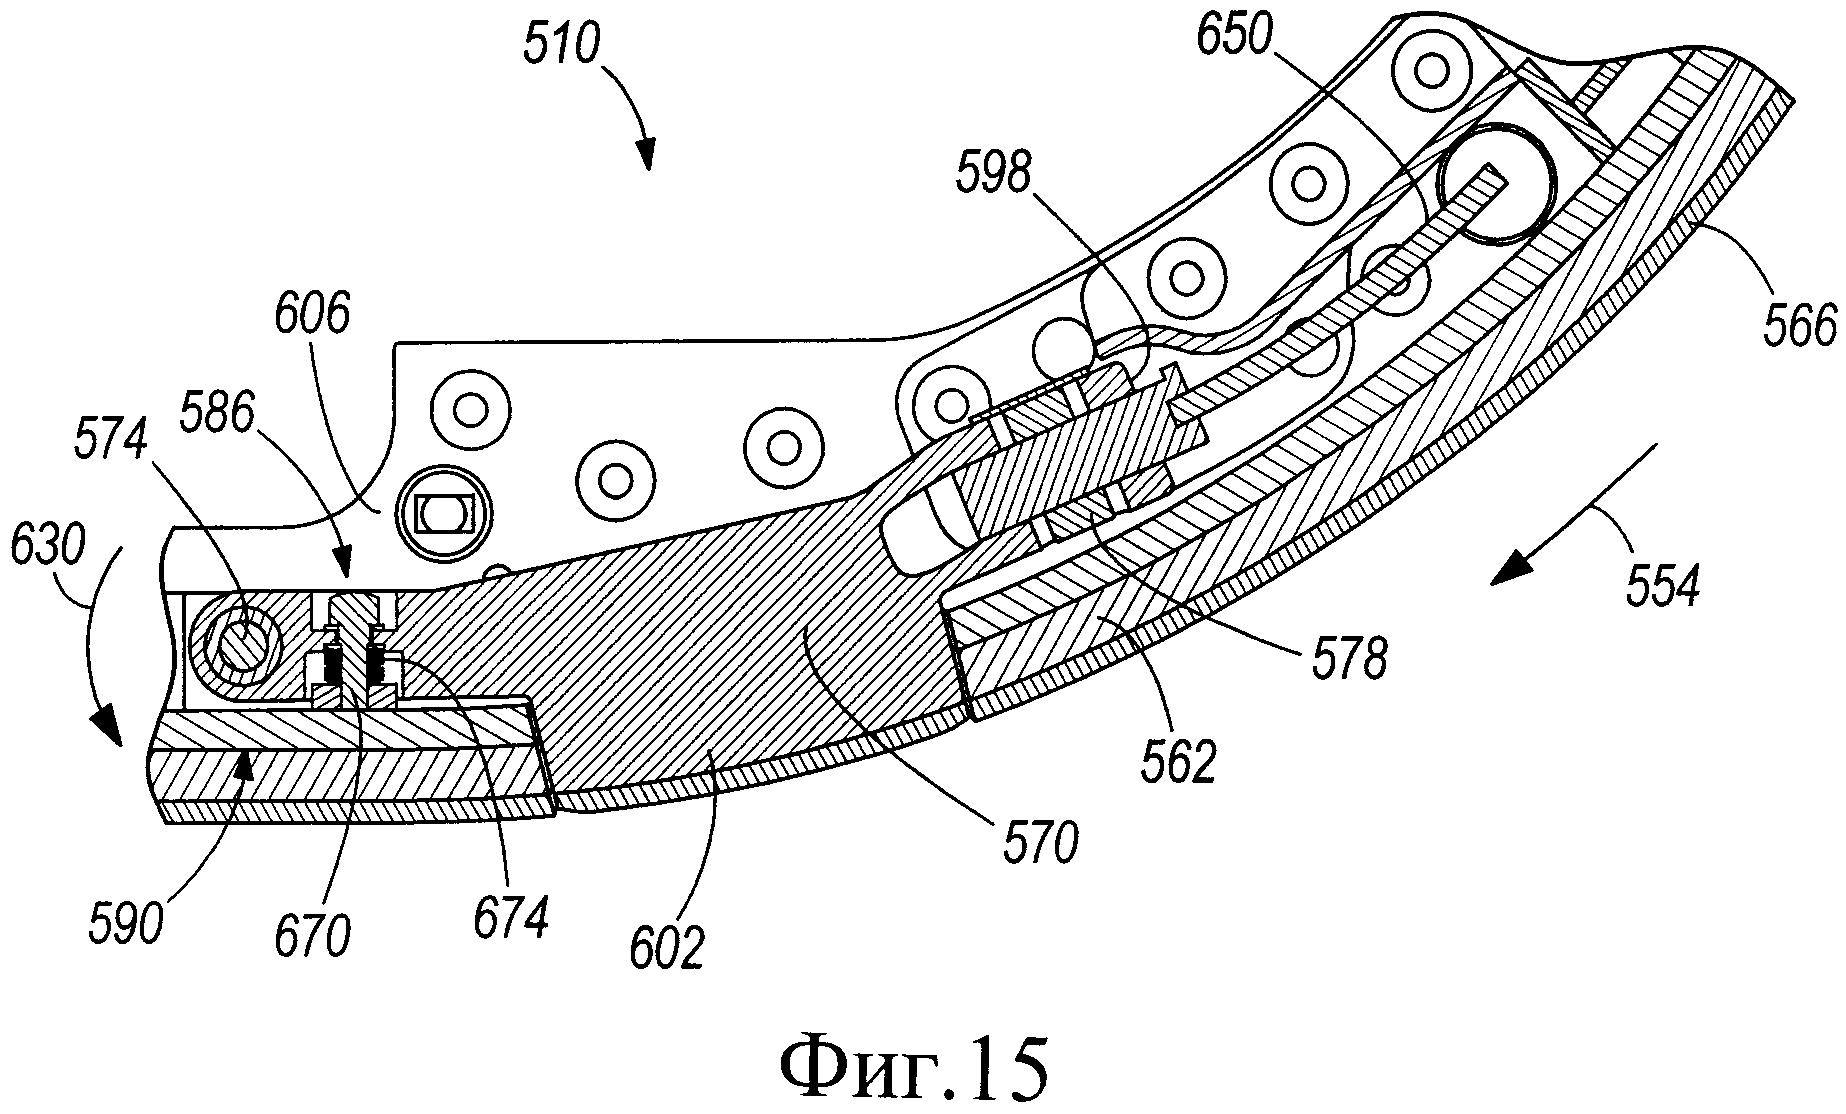 Поворотная цепь на конвейер двигатель ленточный транспортер